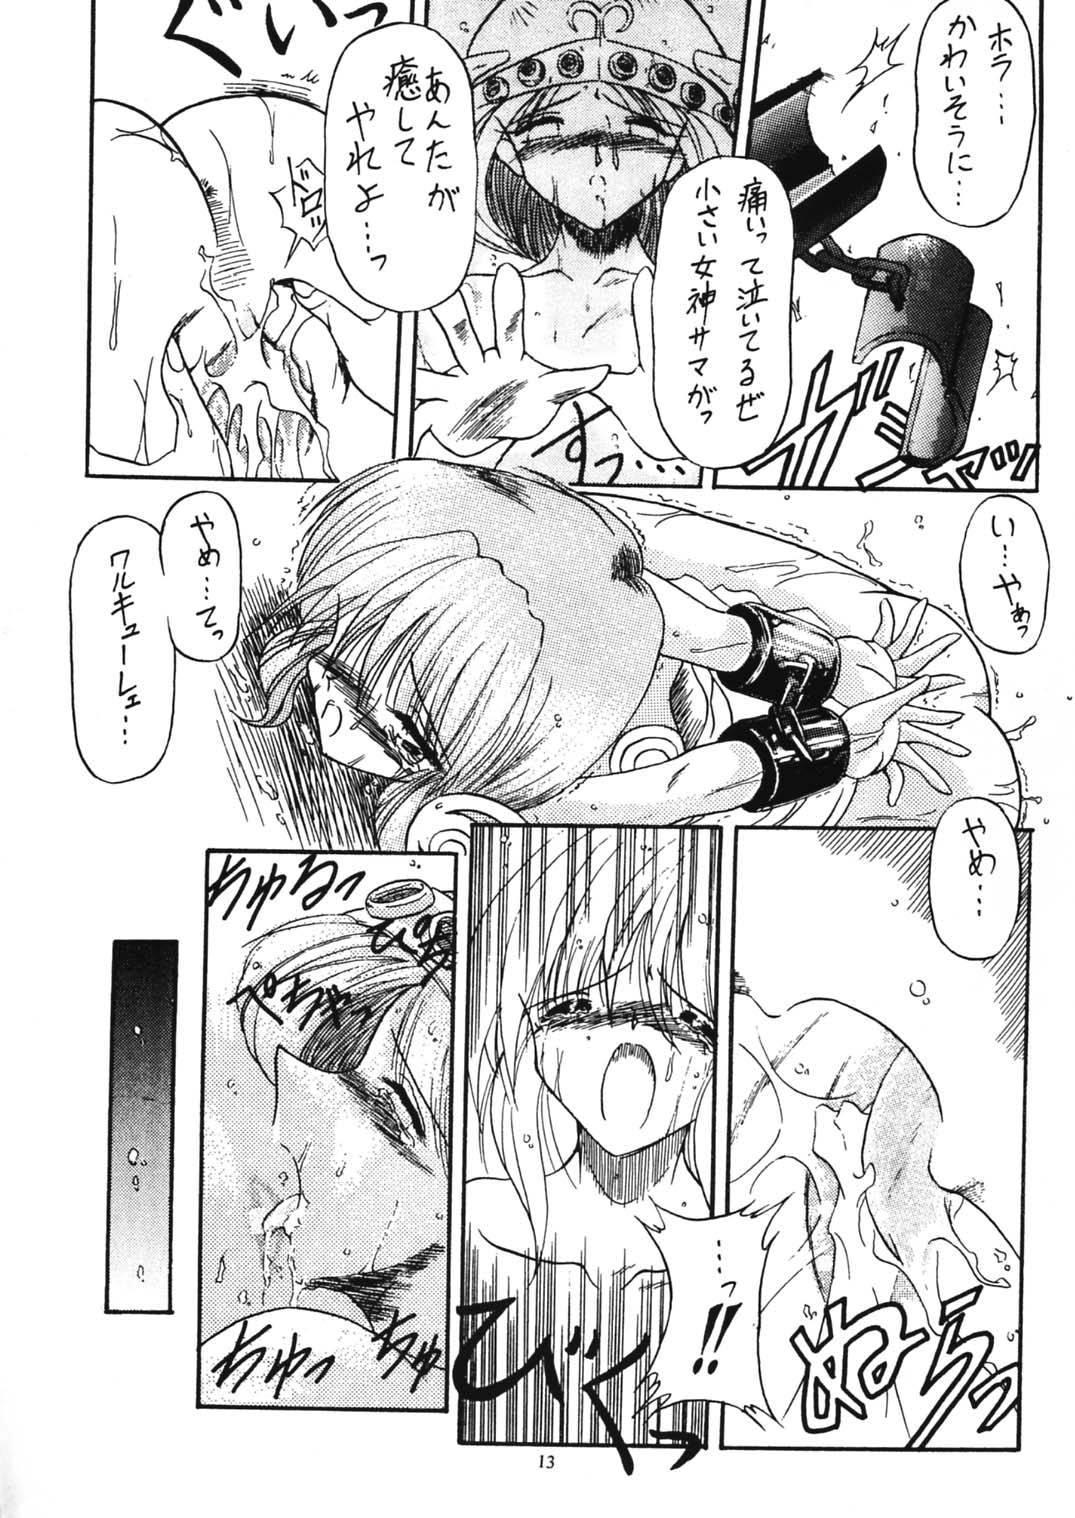 Ikusa Otome Kourinsai 12